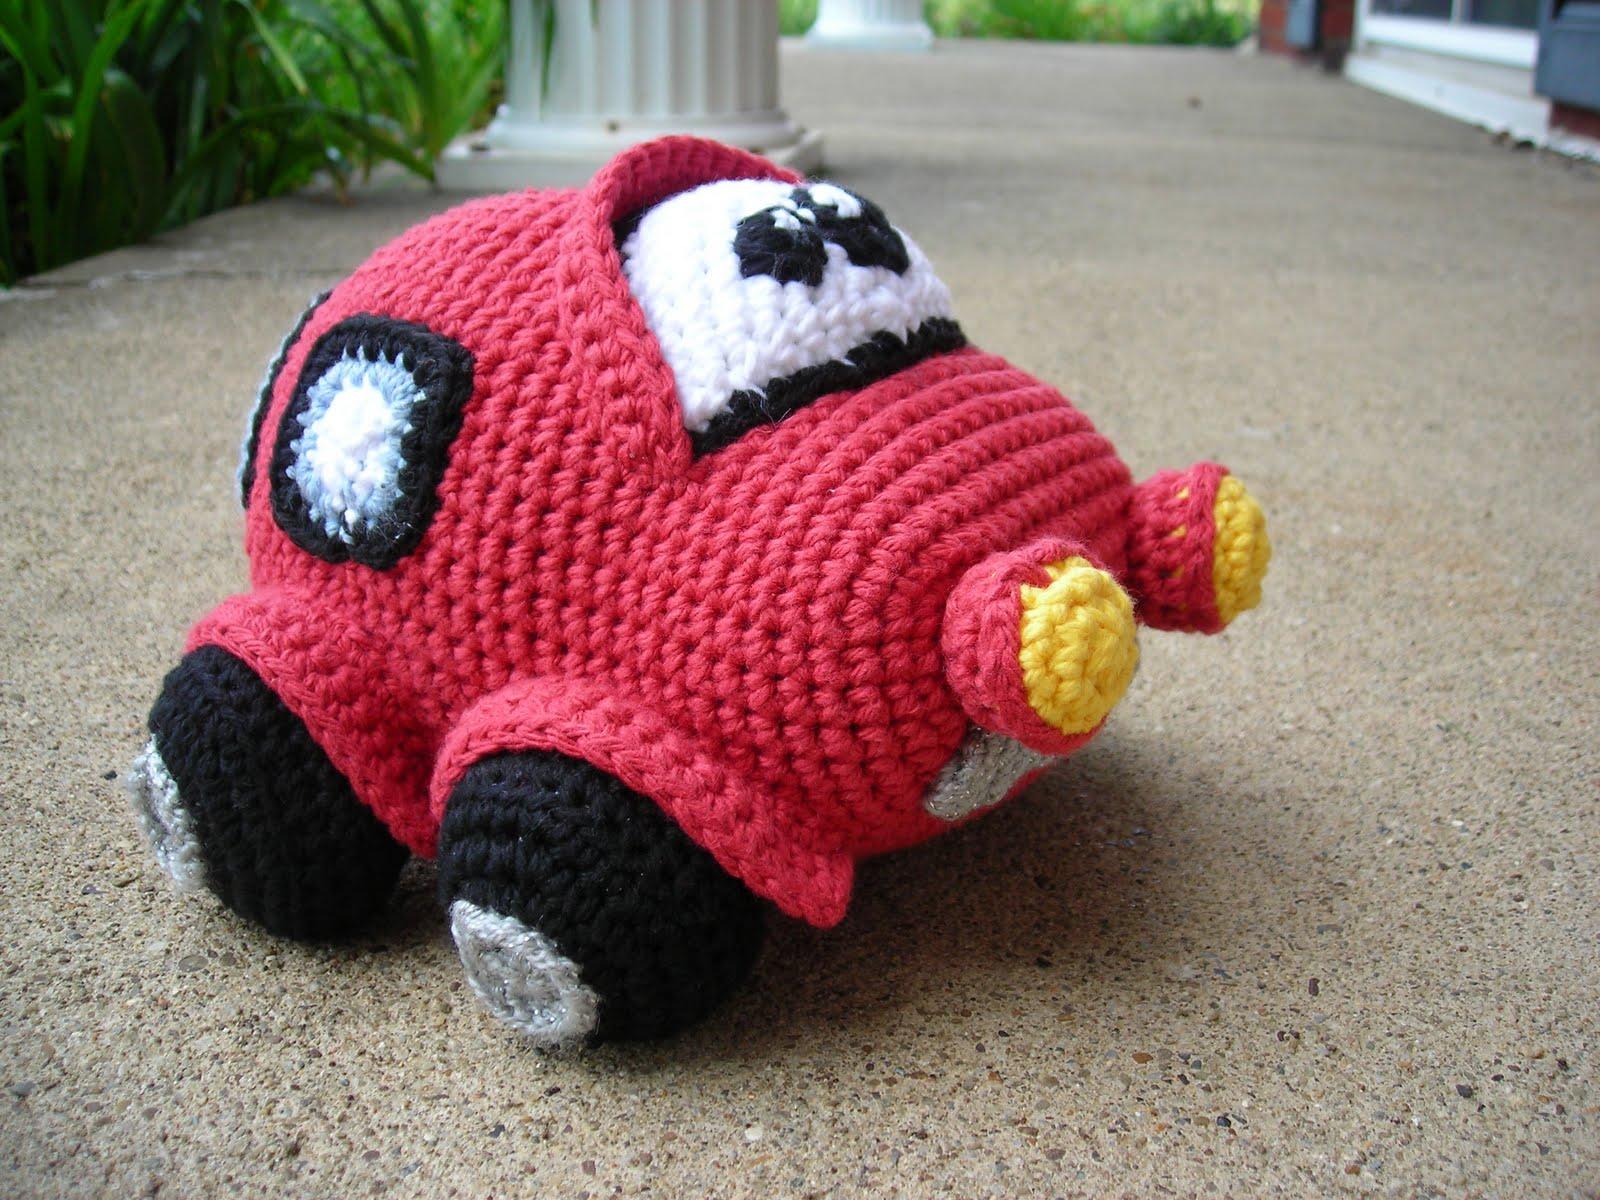 Amigurumi Free Pattern Car : UFO Crafting: Red Amigurumi Car